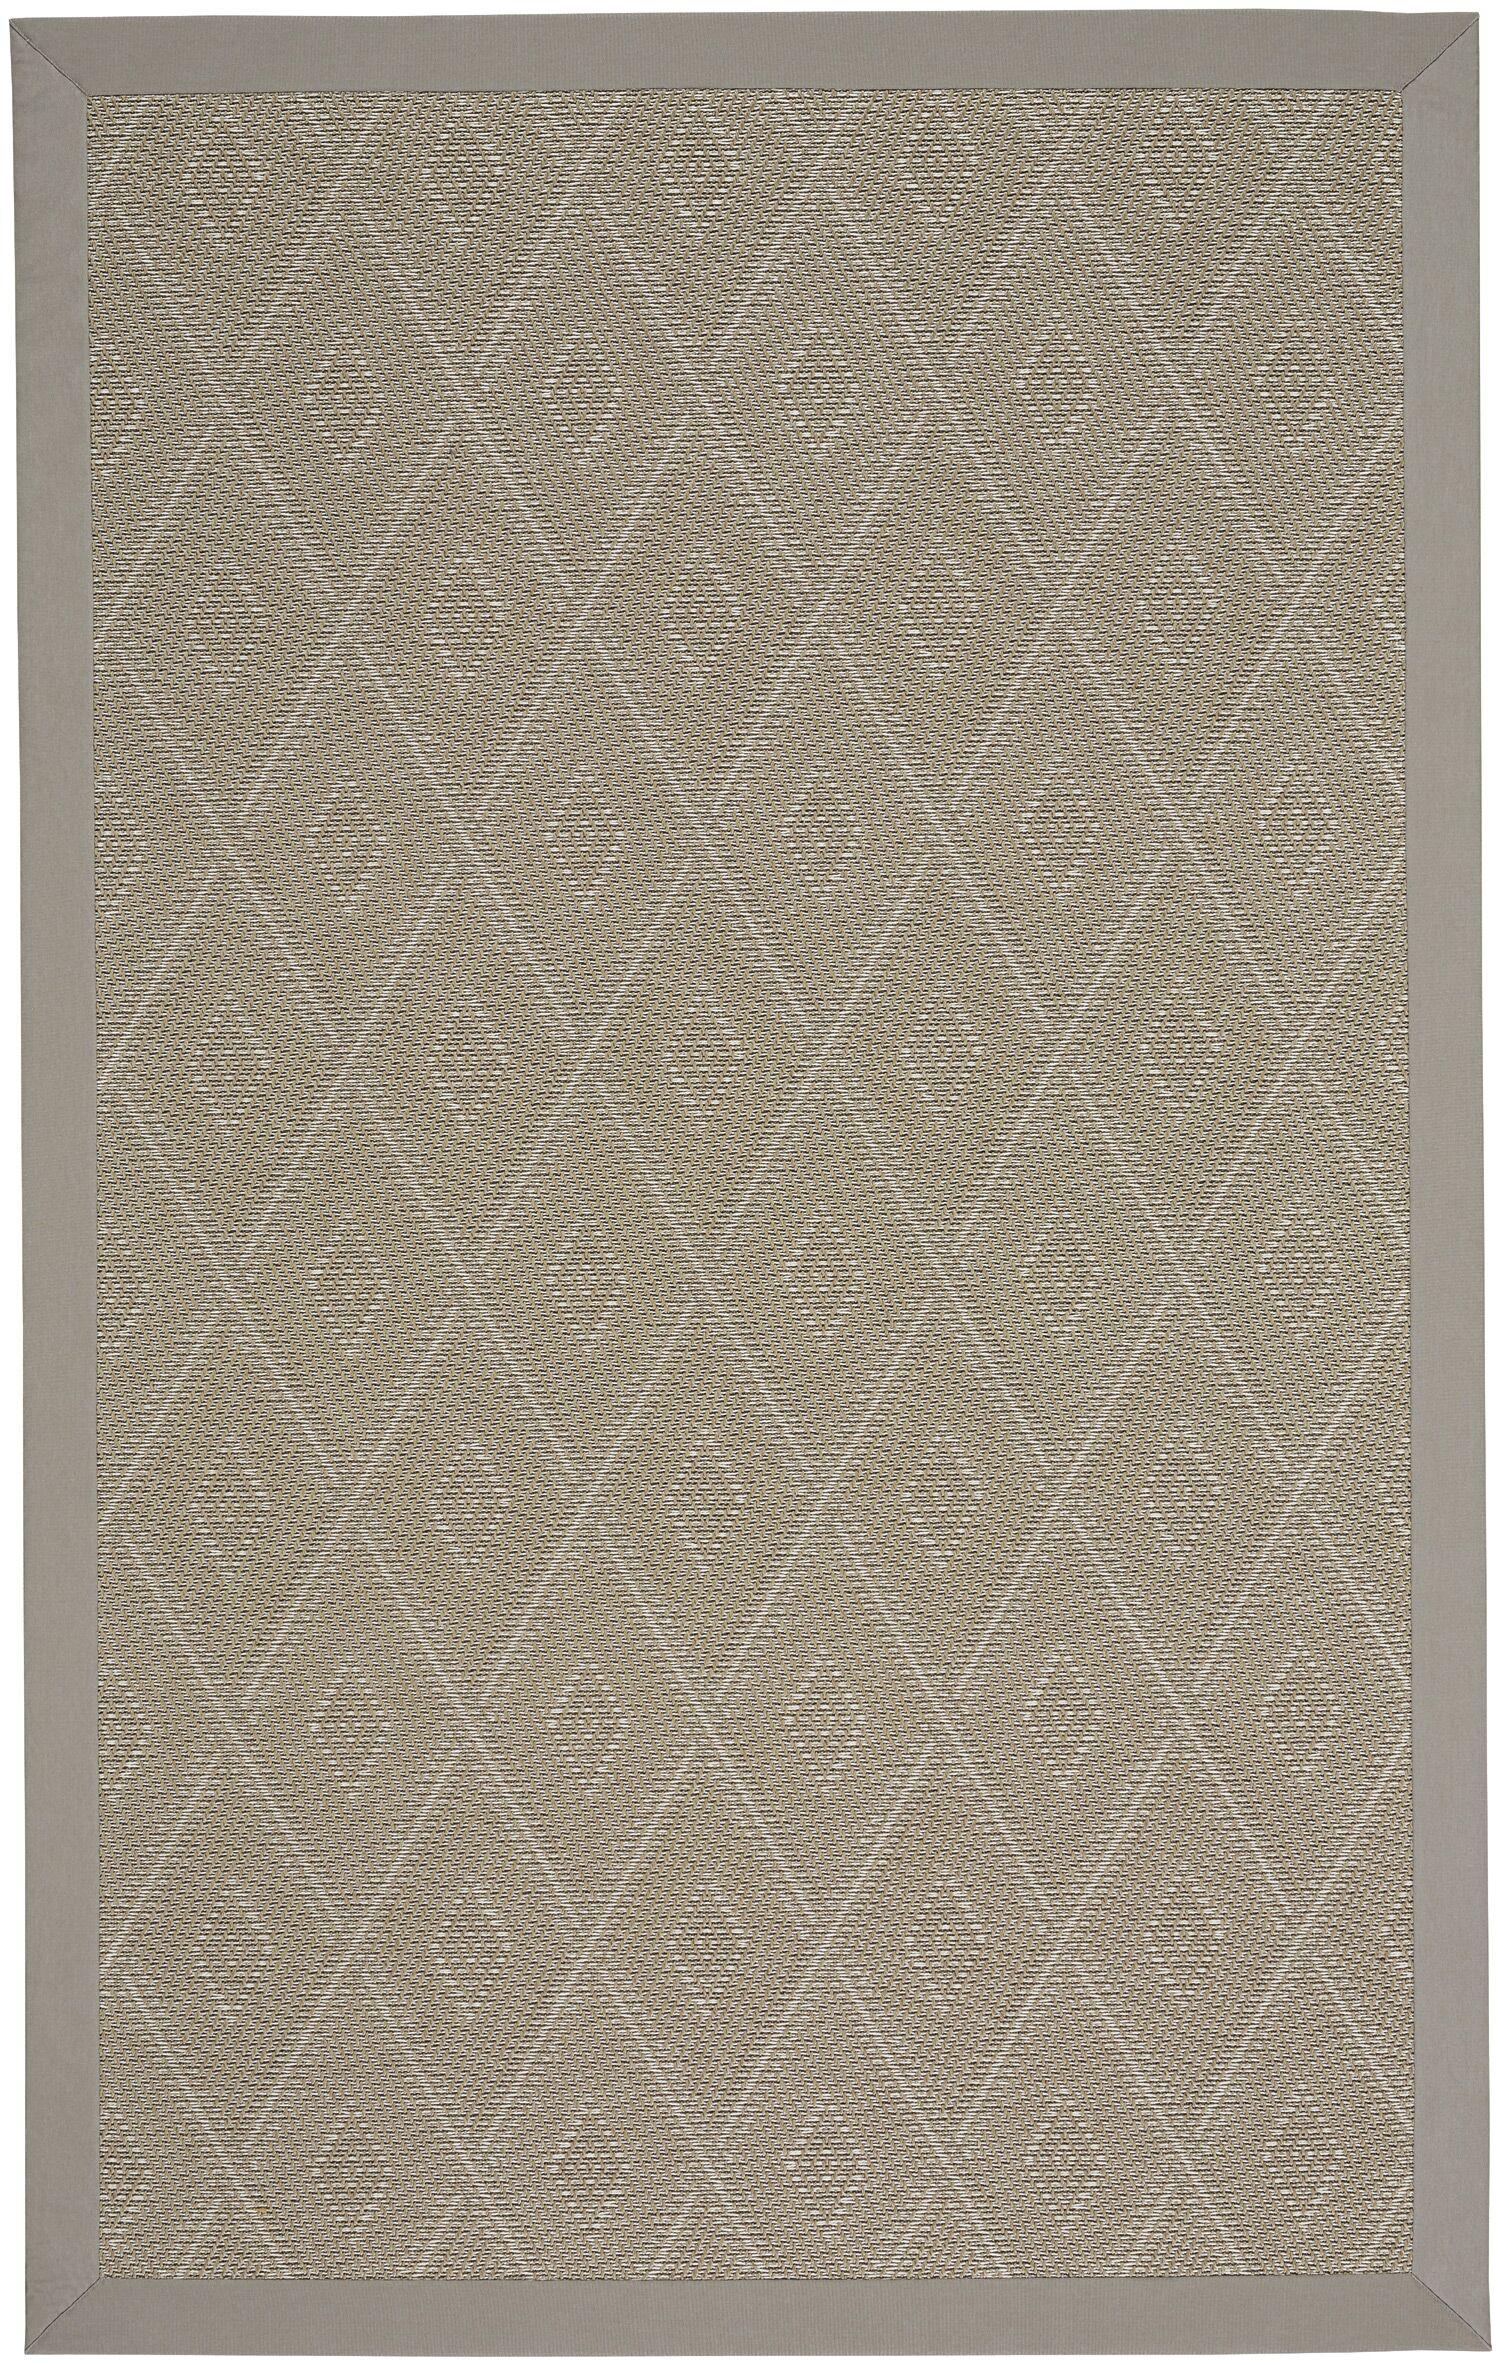 Gresham Braided Tan Buff Indoor/Outdoor Area Rug Rug Size: Rectangle 12' x 15'